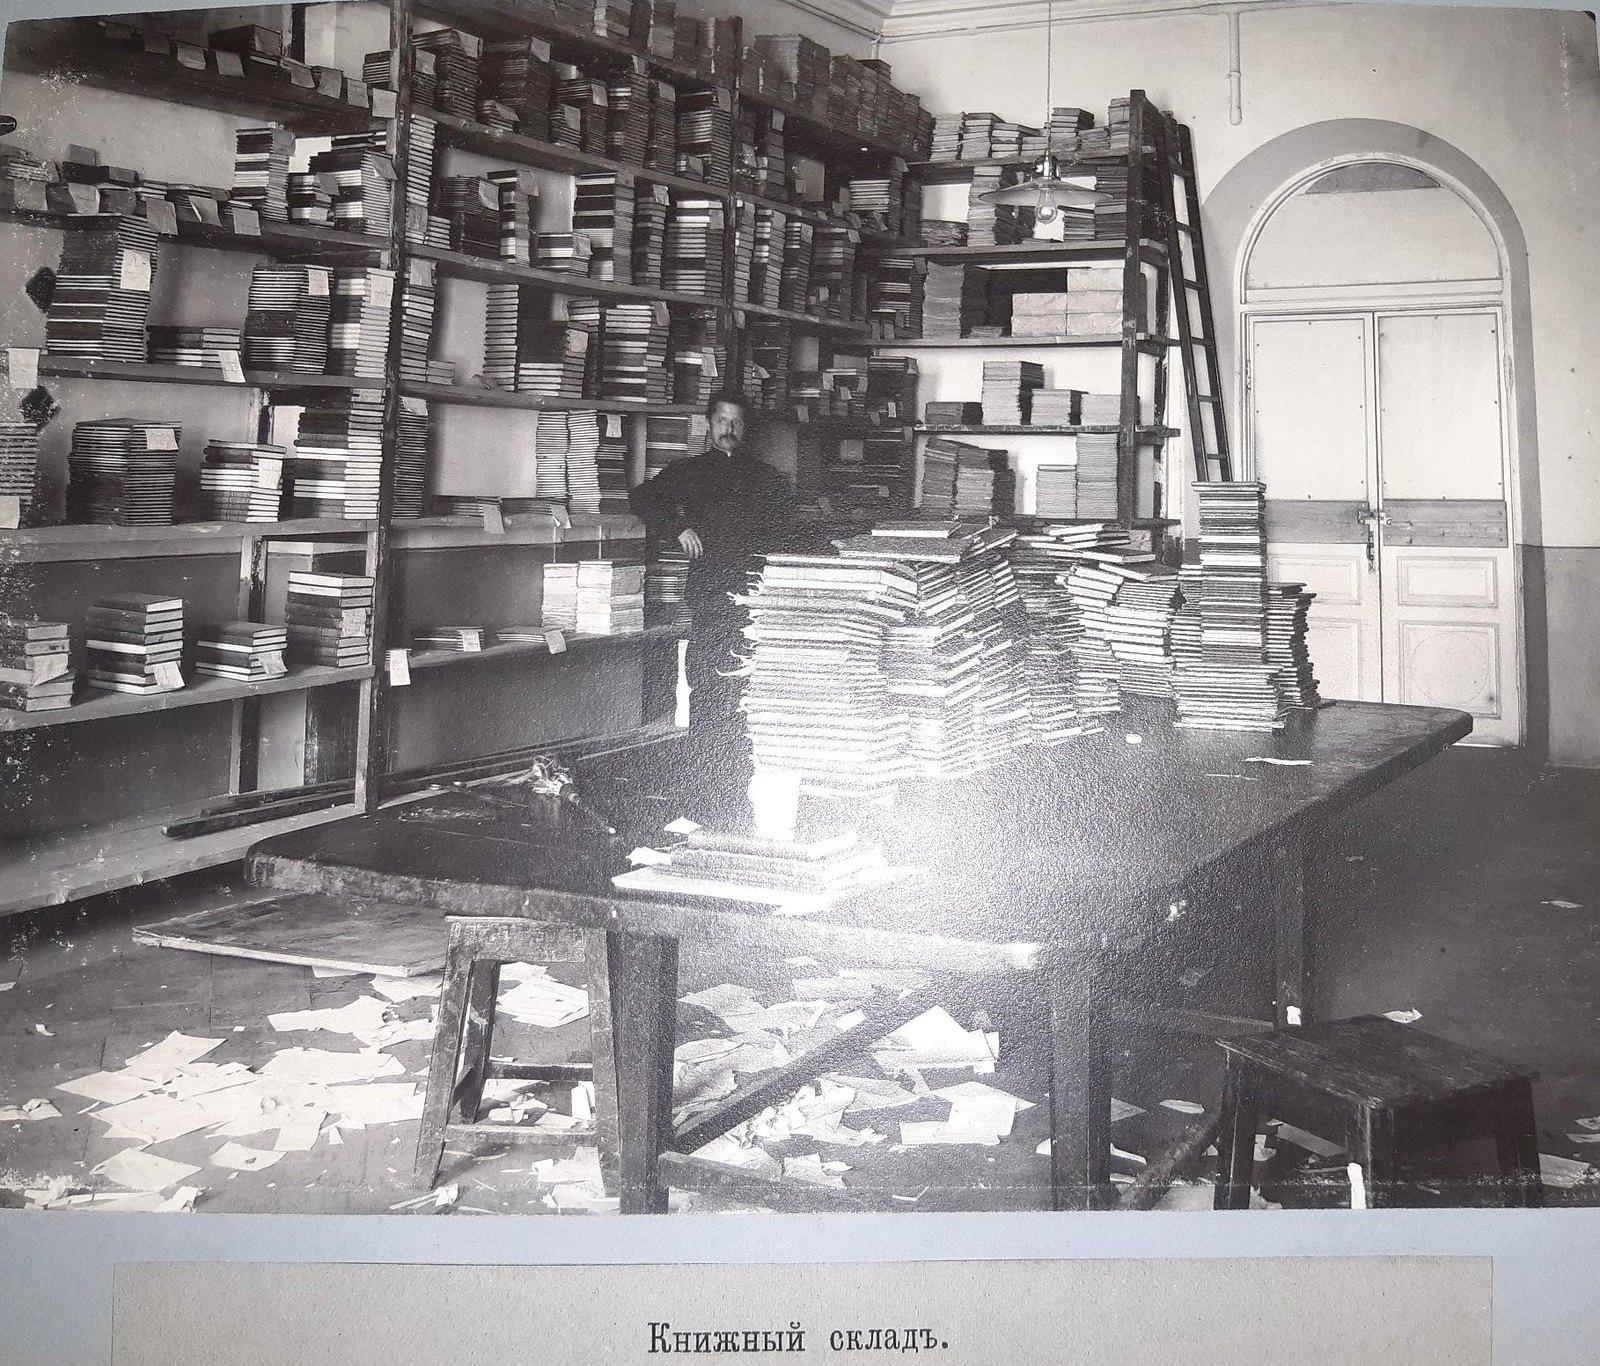 05. Книжный склад